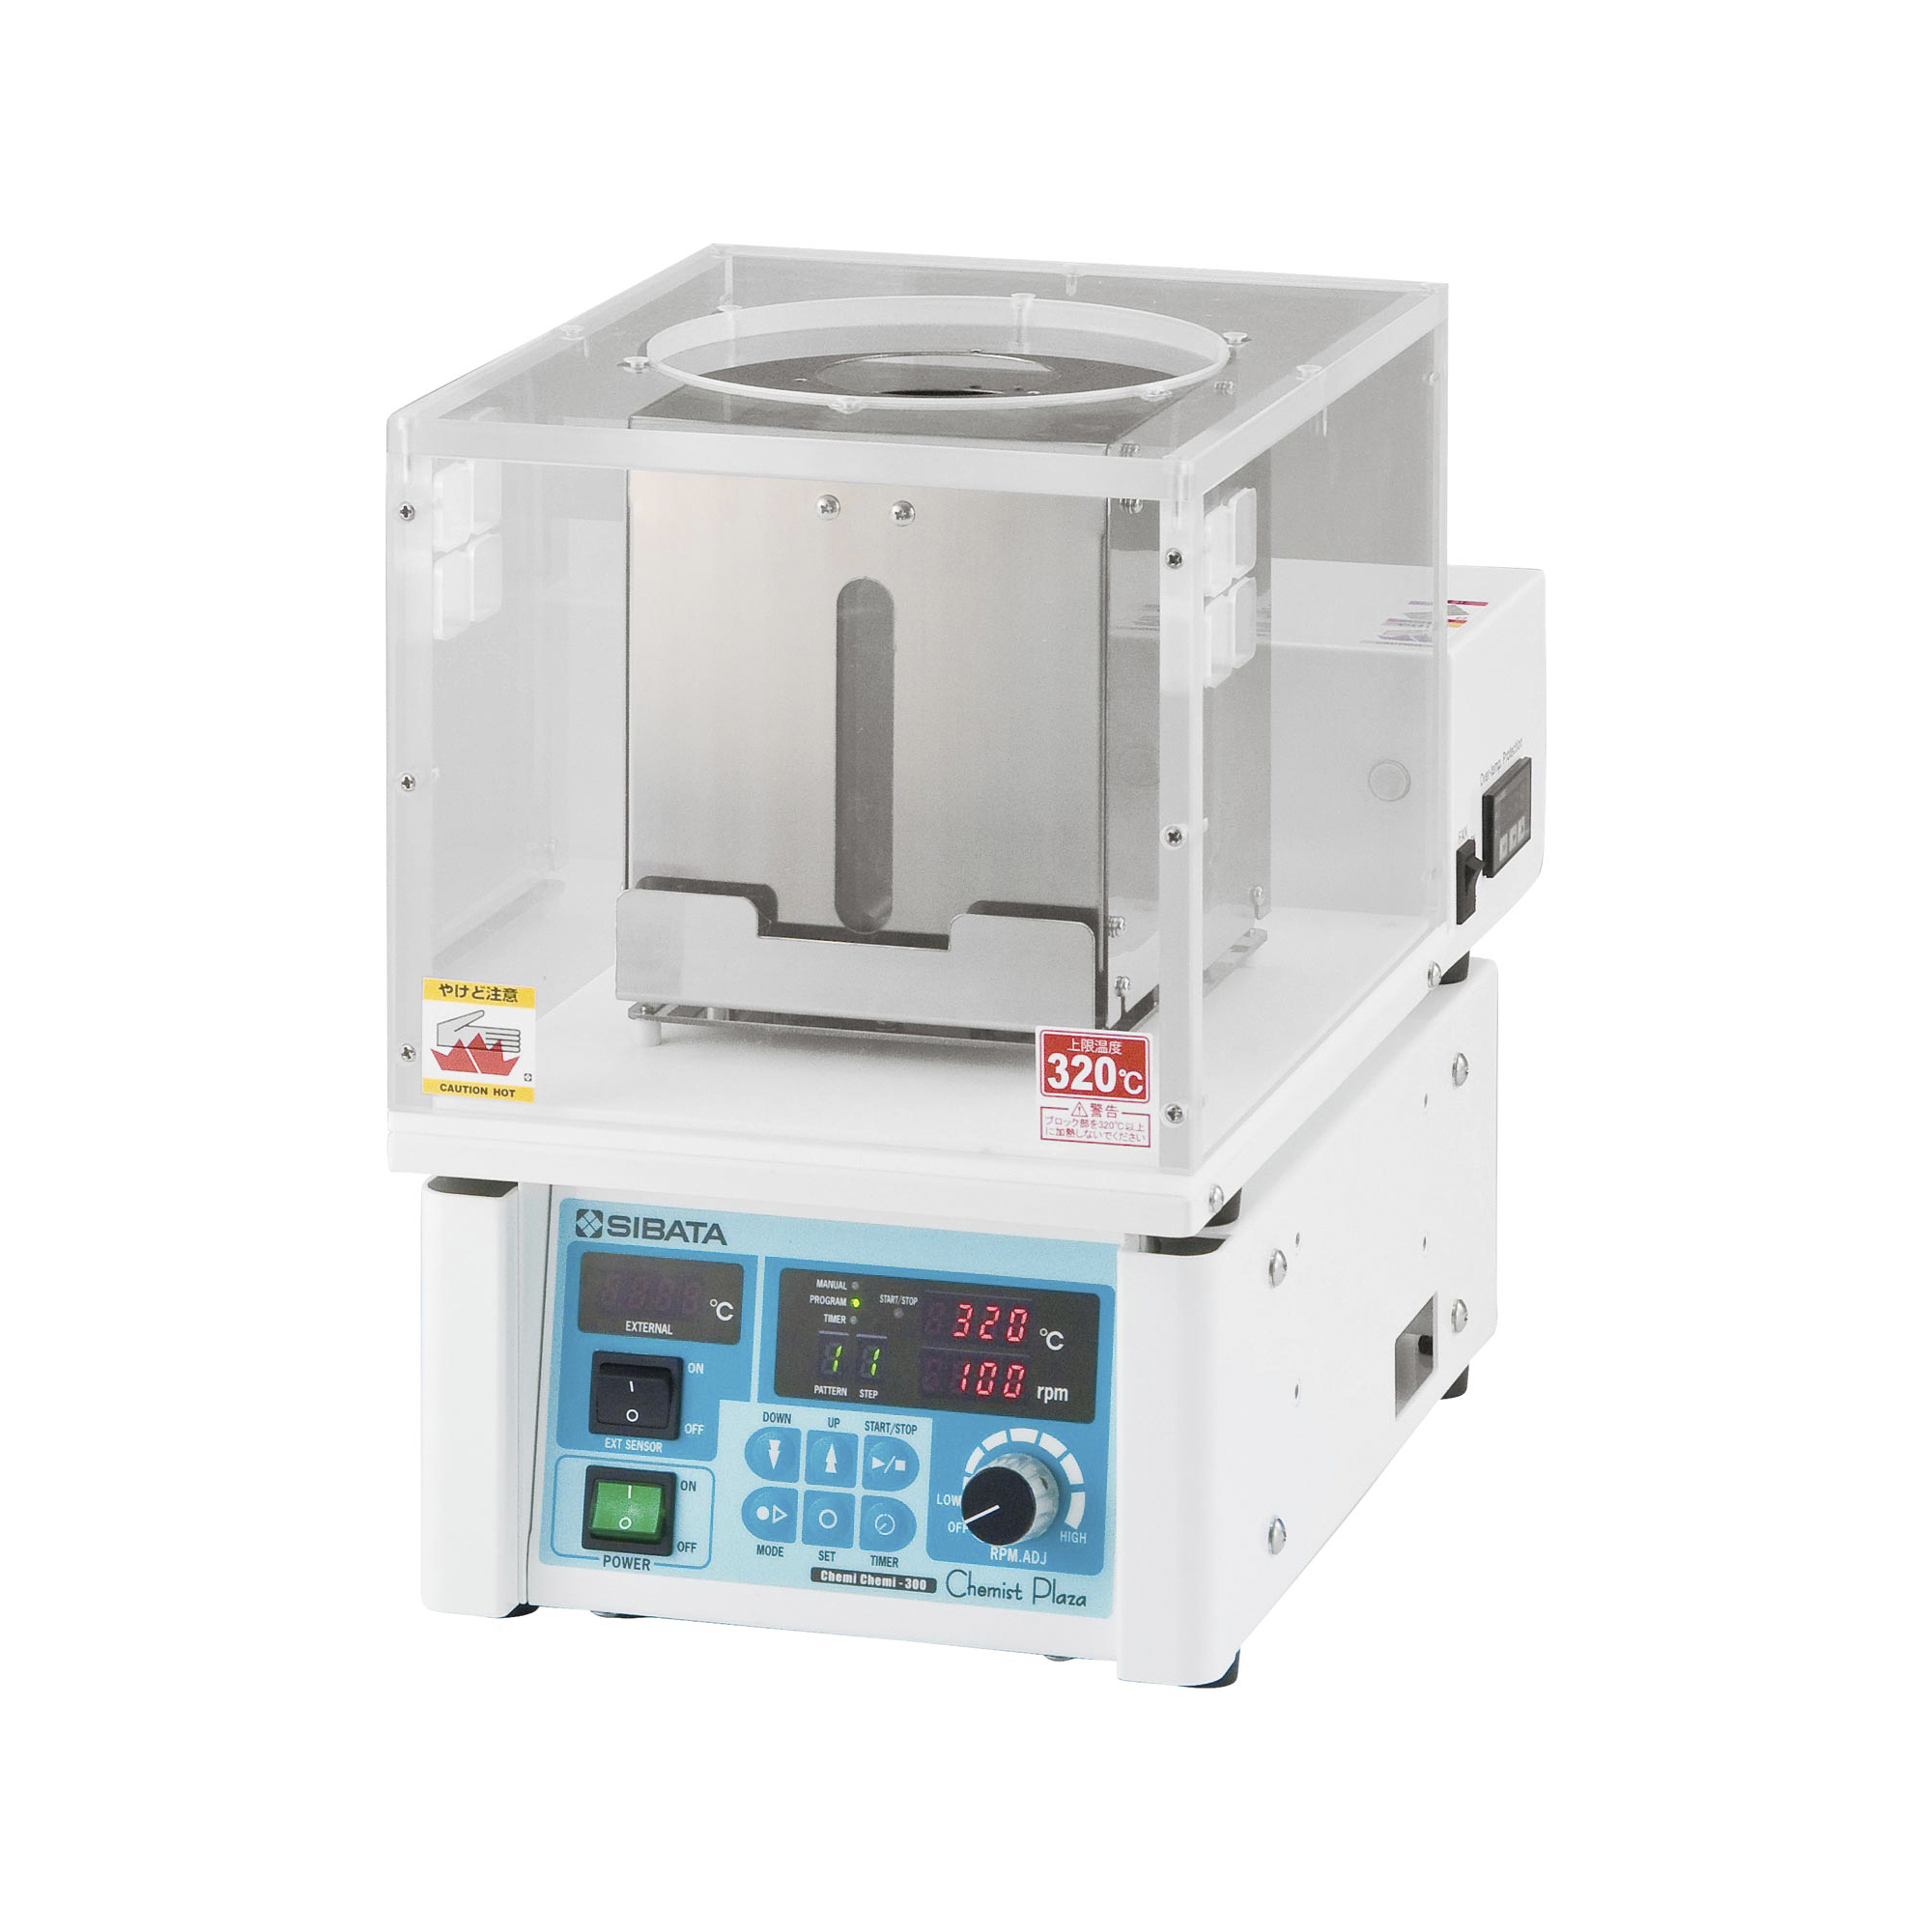 合成・反応装置 ケミストプラザ CP-300 本体セット 300℃ 200mL